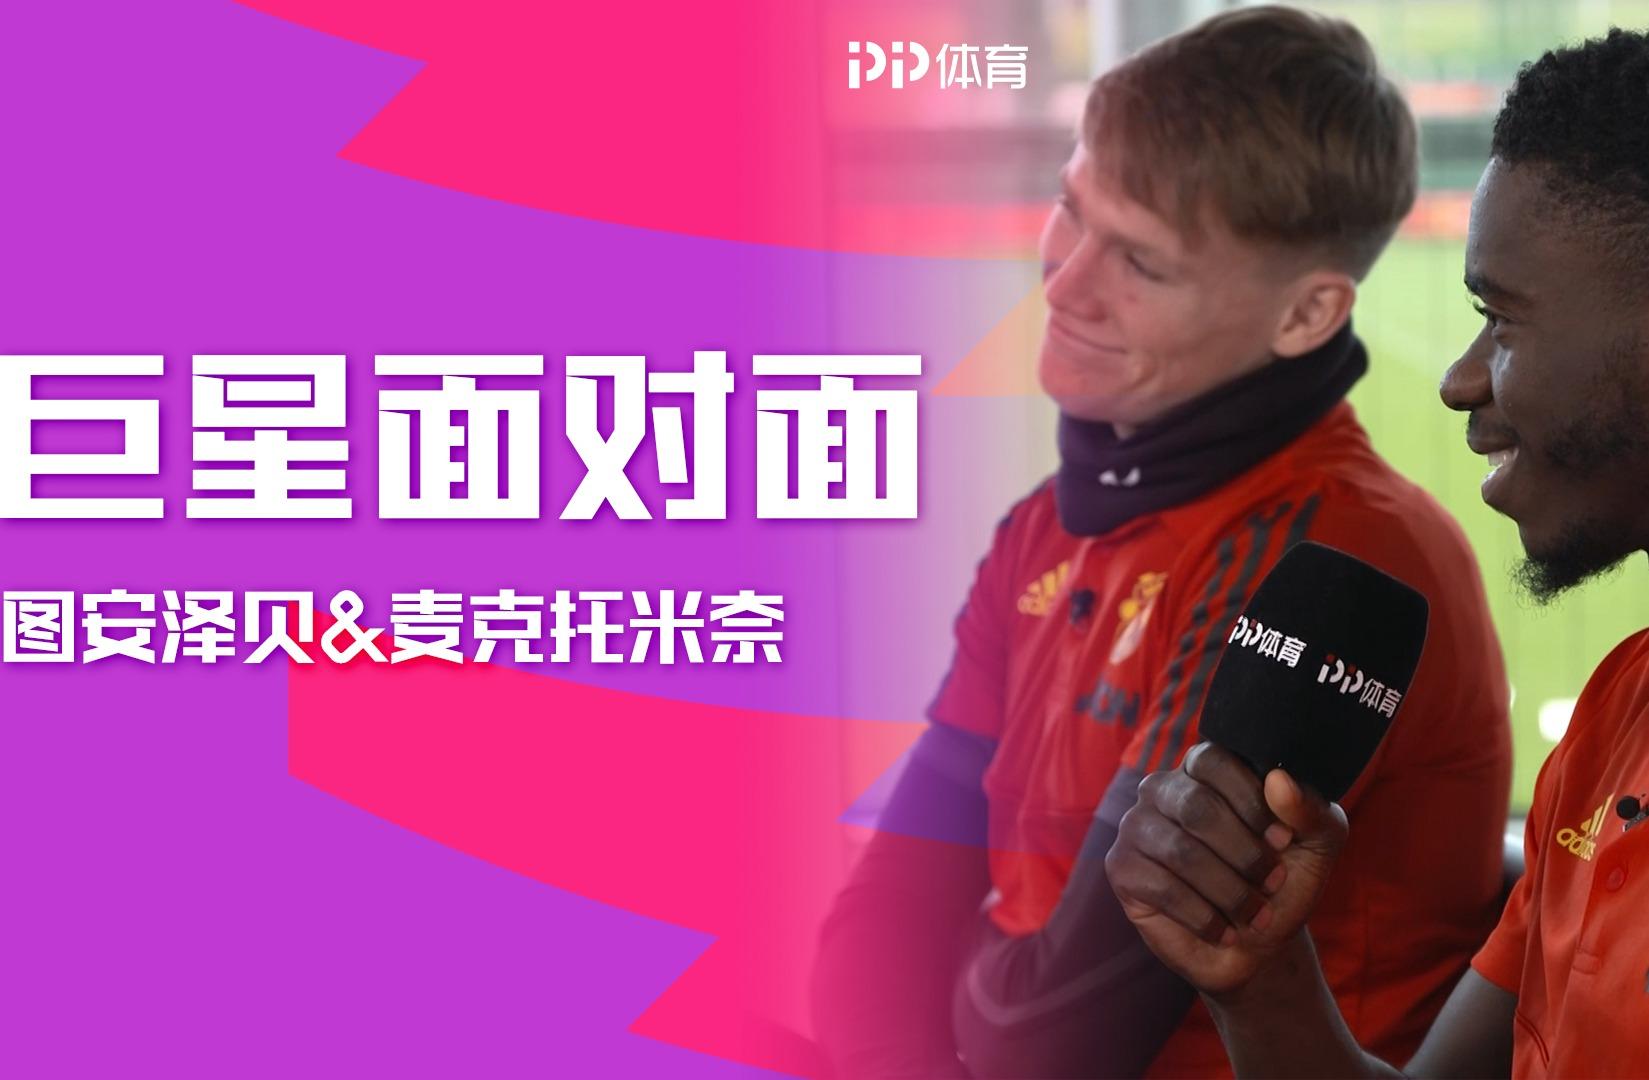 PP体育专访麦克托米奈&图安泽贝:红魔青训双星畅聊成长之路